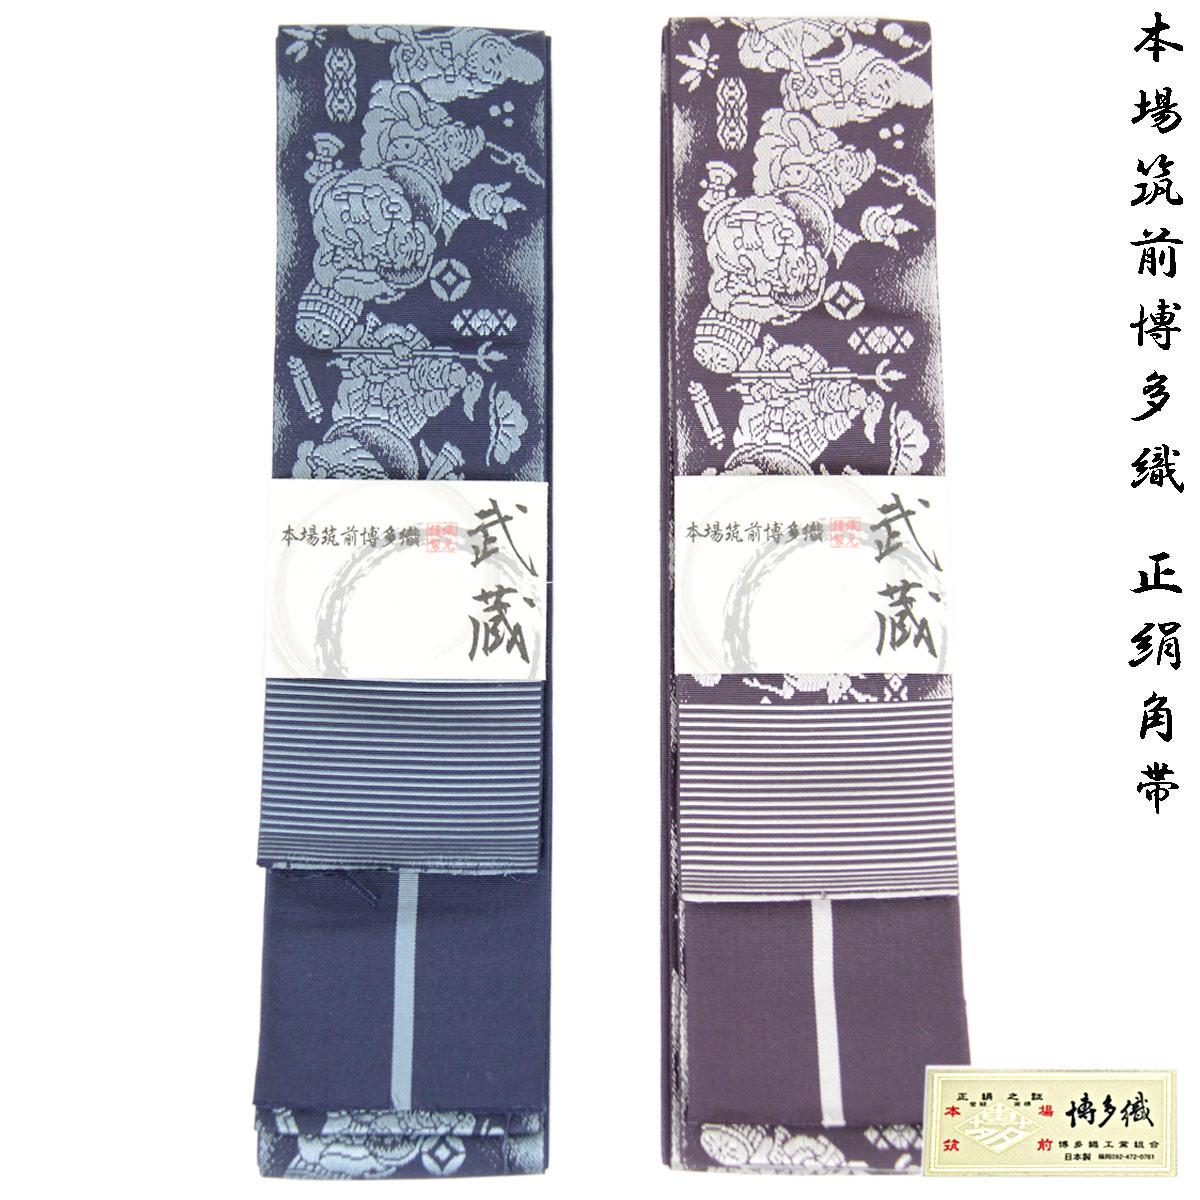 角帯 正絹 -53- 博多帯 武蔵 長尺 男帯 浴衣帯 絹100% 日本製 七福神